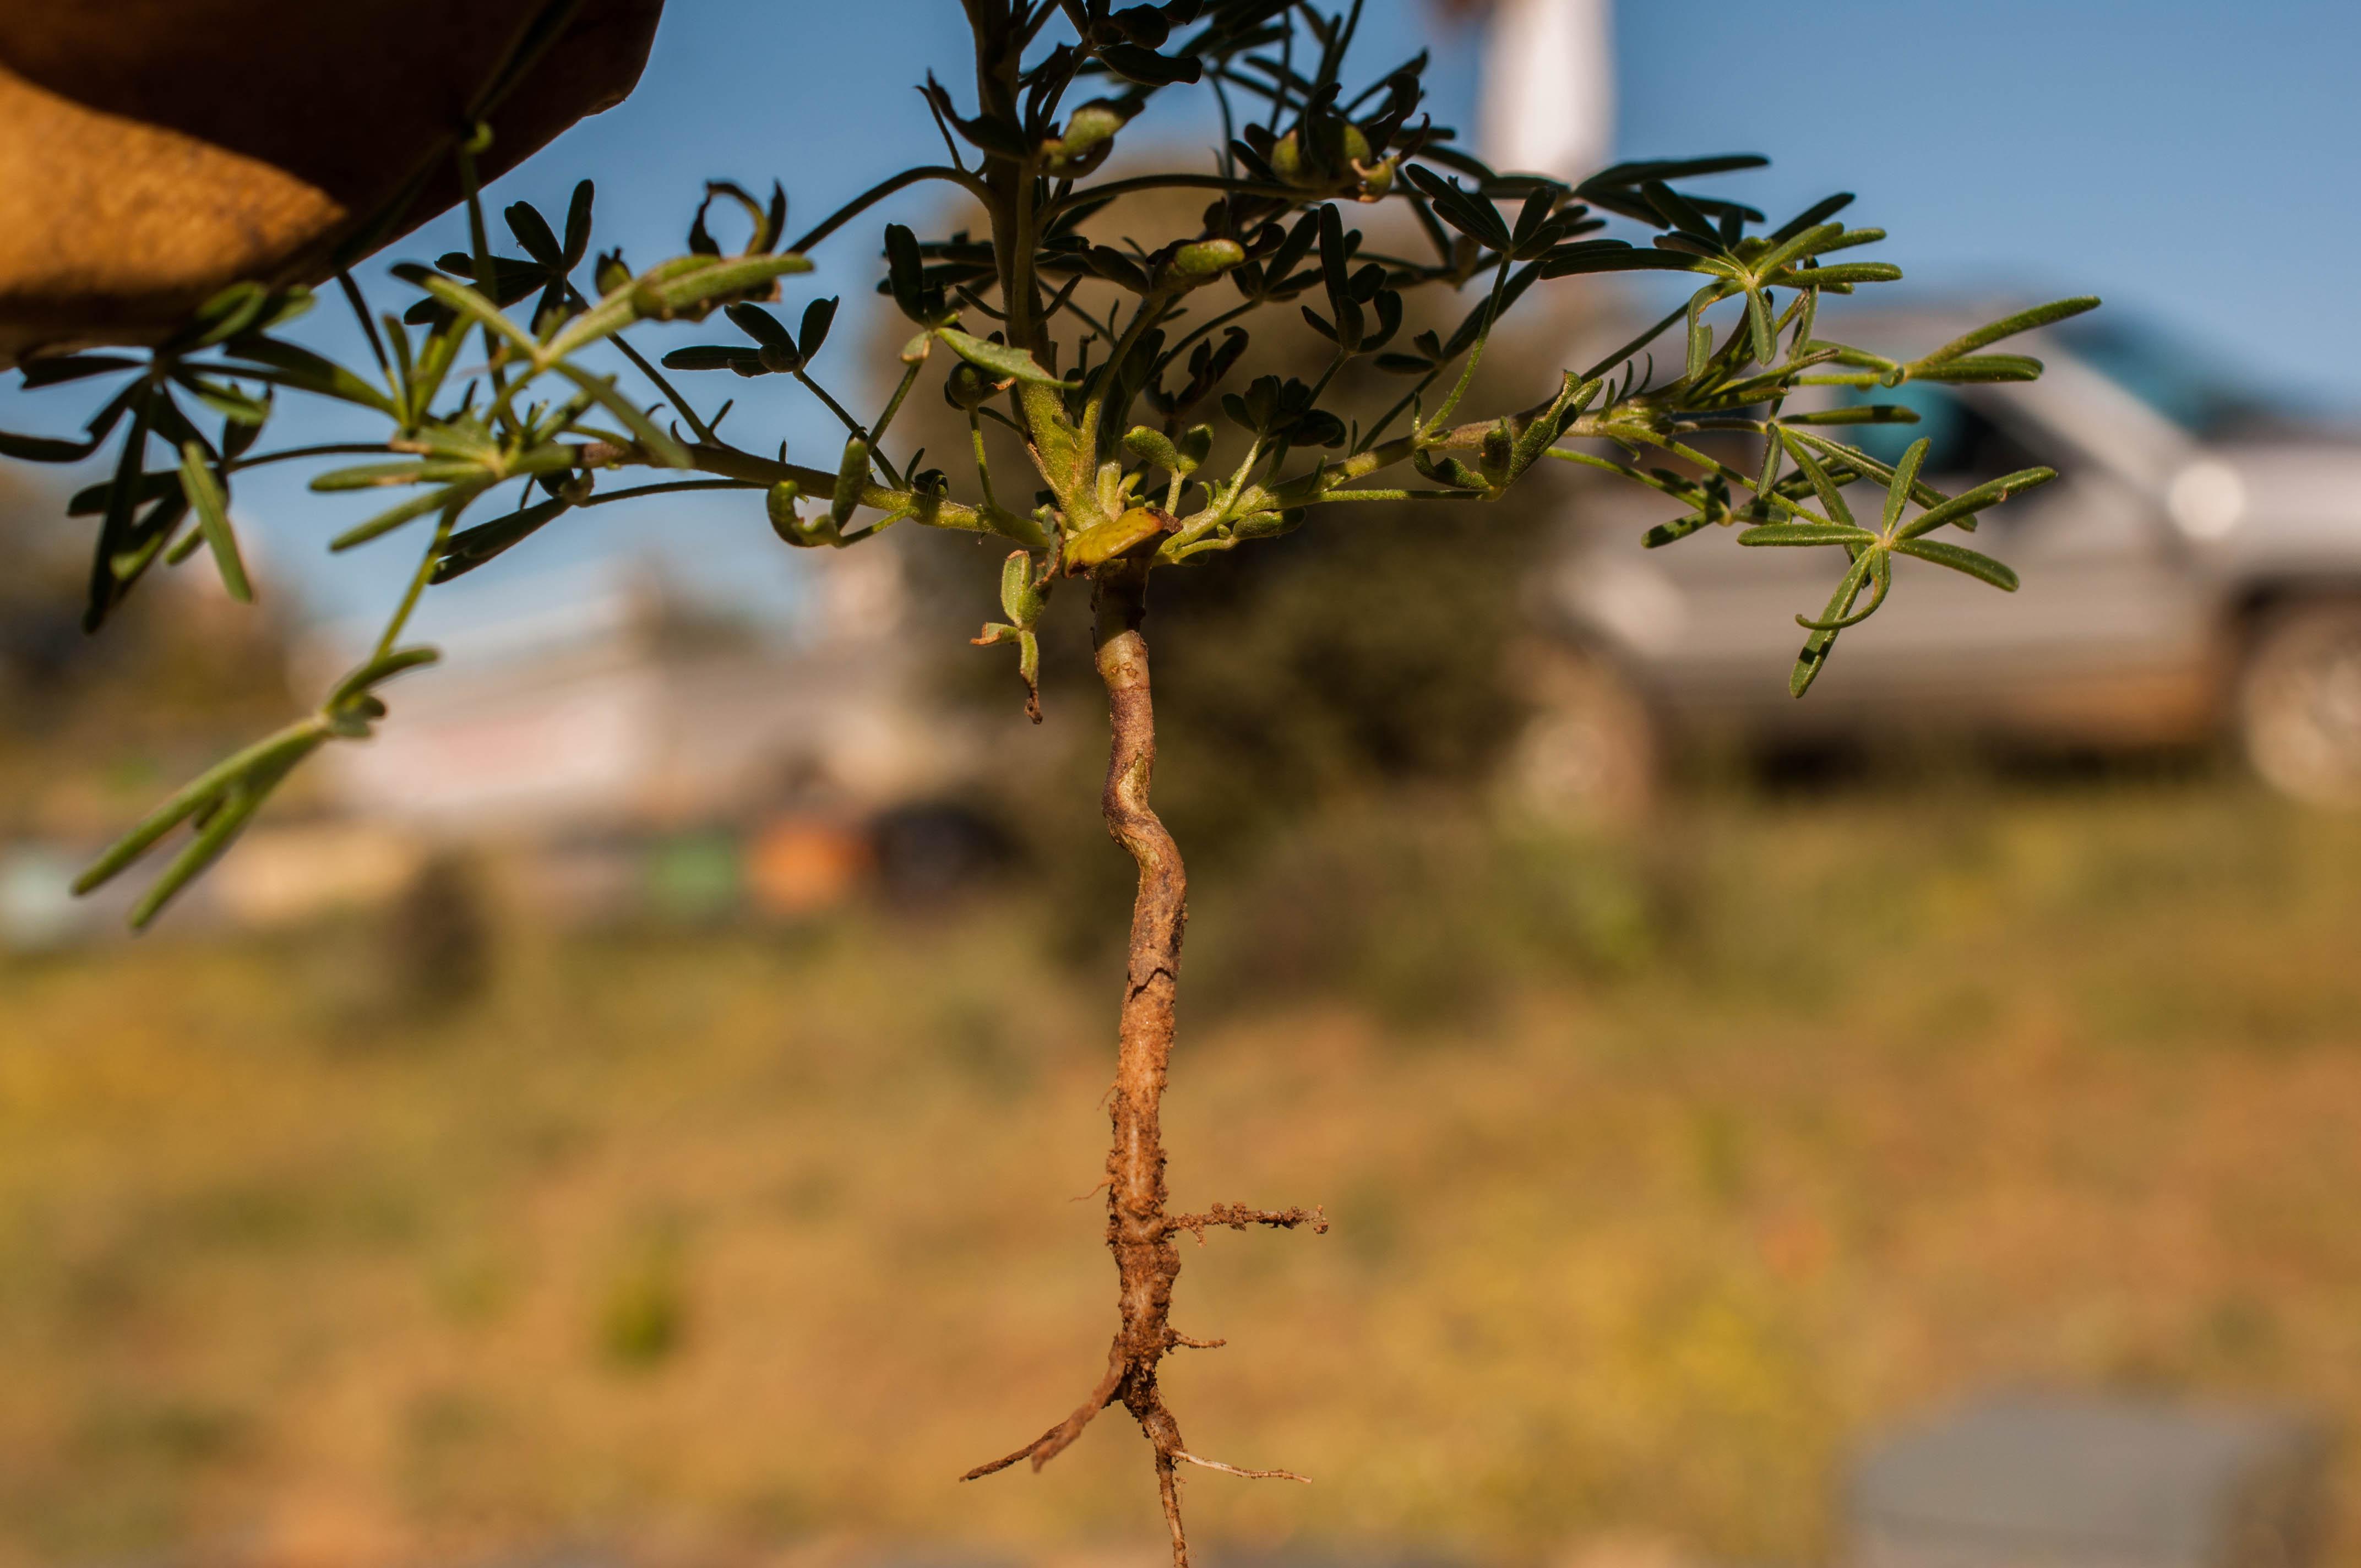 Lupinus angustifolius Las Obreras de Aliste CB Artesanos de la Miel Aliste Gallegos del Campo Artesanos de la Miel